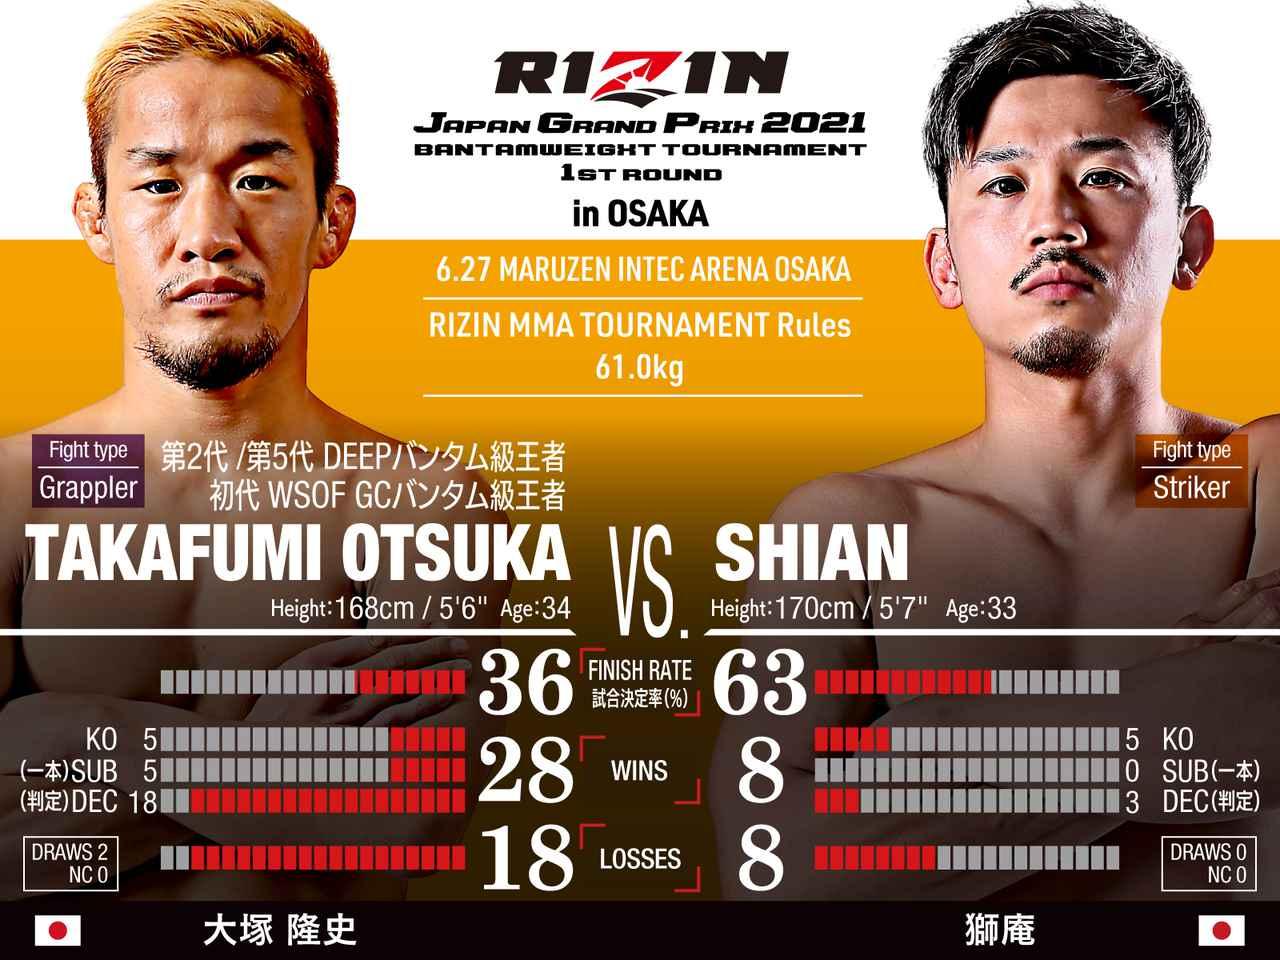 画像: 第11試合 バンタム級トーナメント 1回戦/大塚隆史 vs. 獅庵